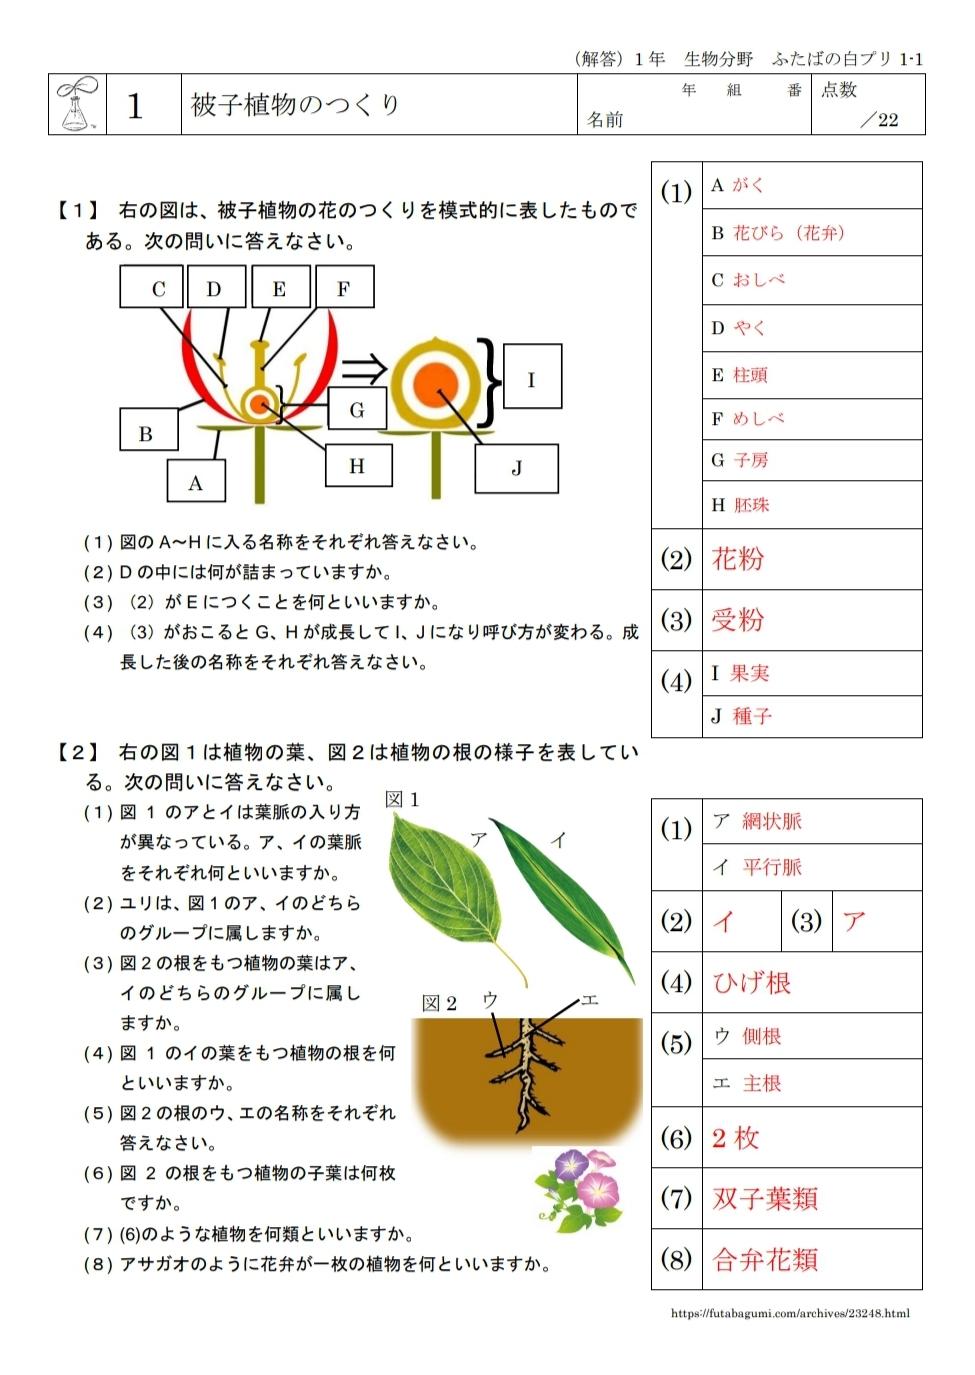 ふたばの白プリ1-1「被子植物のつくり」、1-2「裸子植物と胞子でふえる植物」を公開しました。